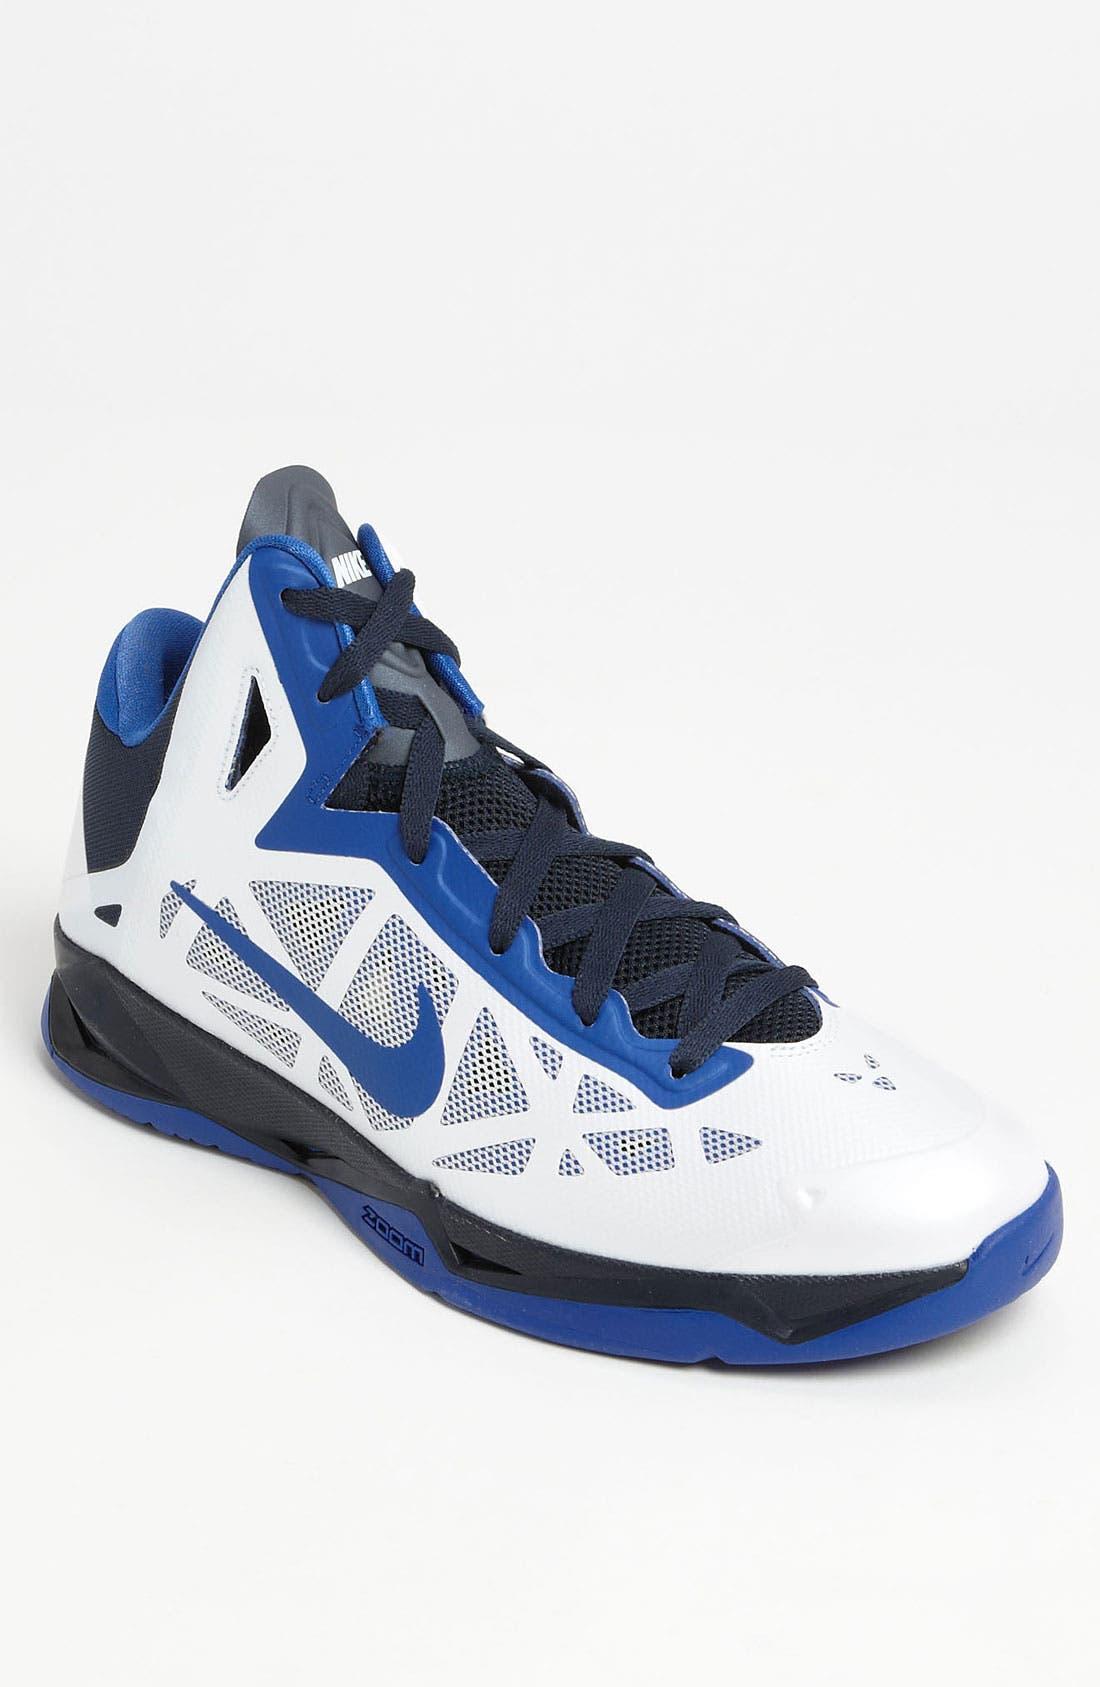 Alternate Image 1 Selected - Nike 'Zoom HyperChaos' Basketball Shoe (Men)